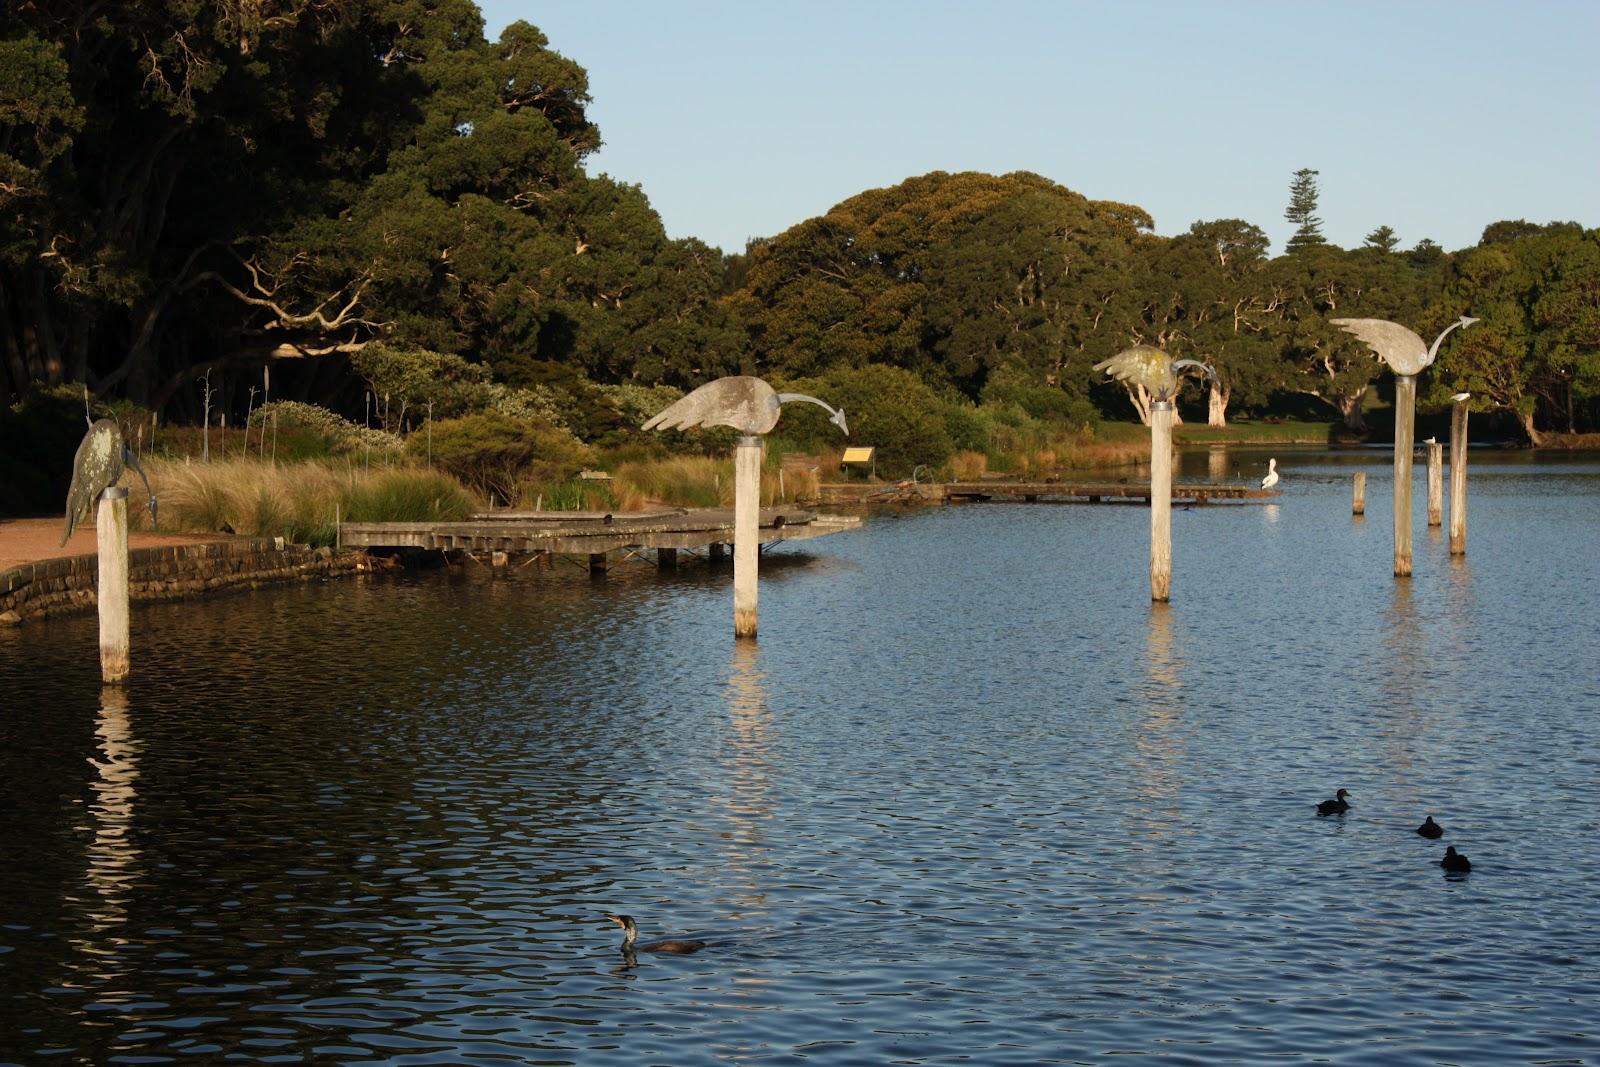 Sydney - City and Suburbs: Centennial Park, Duck Pond